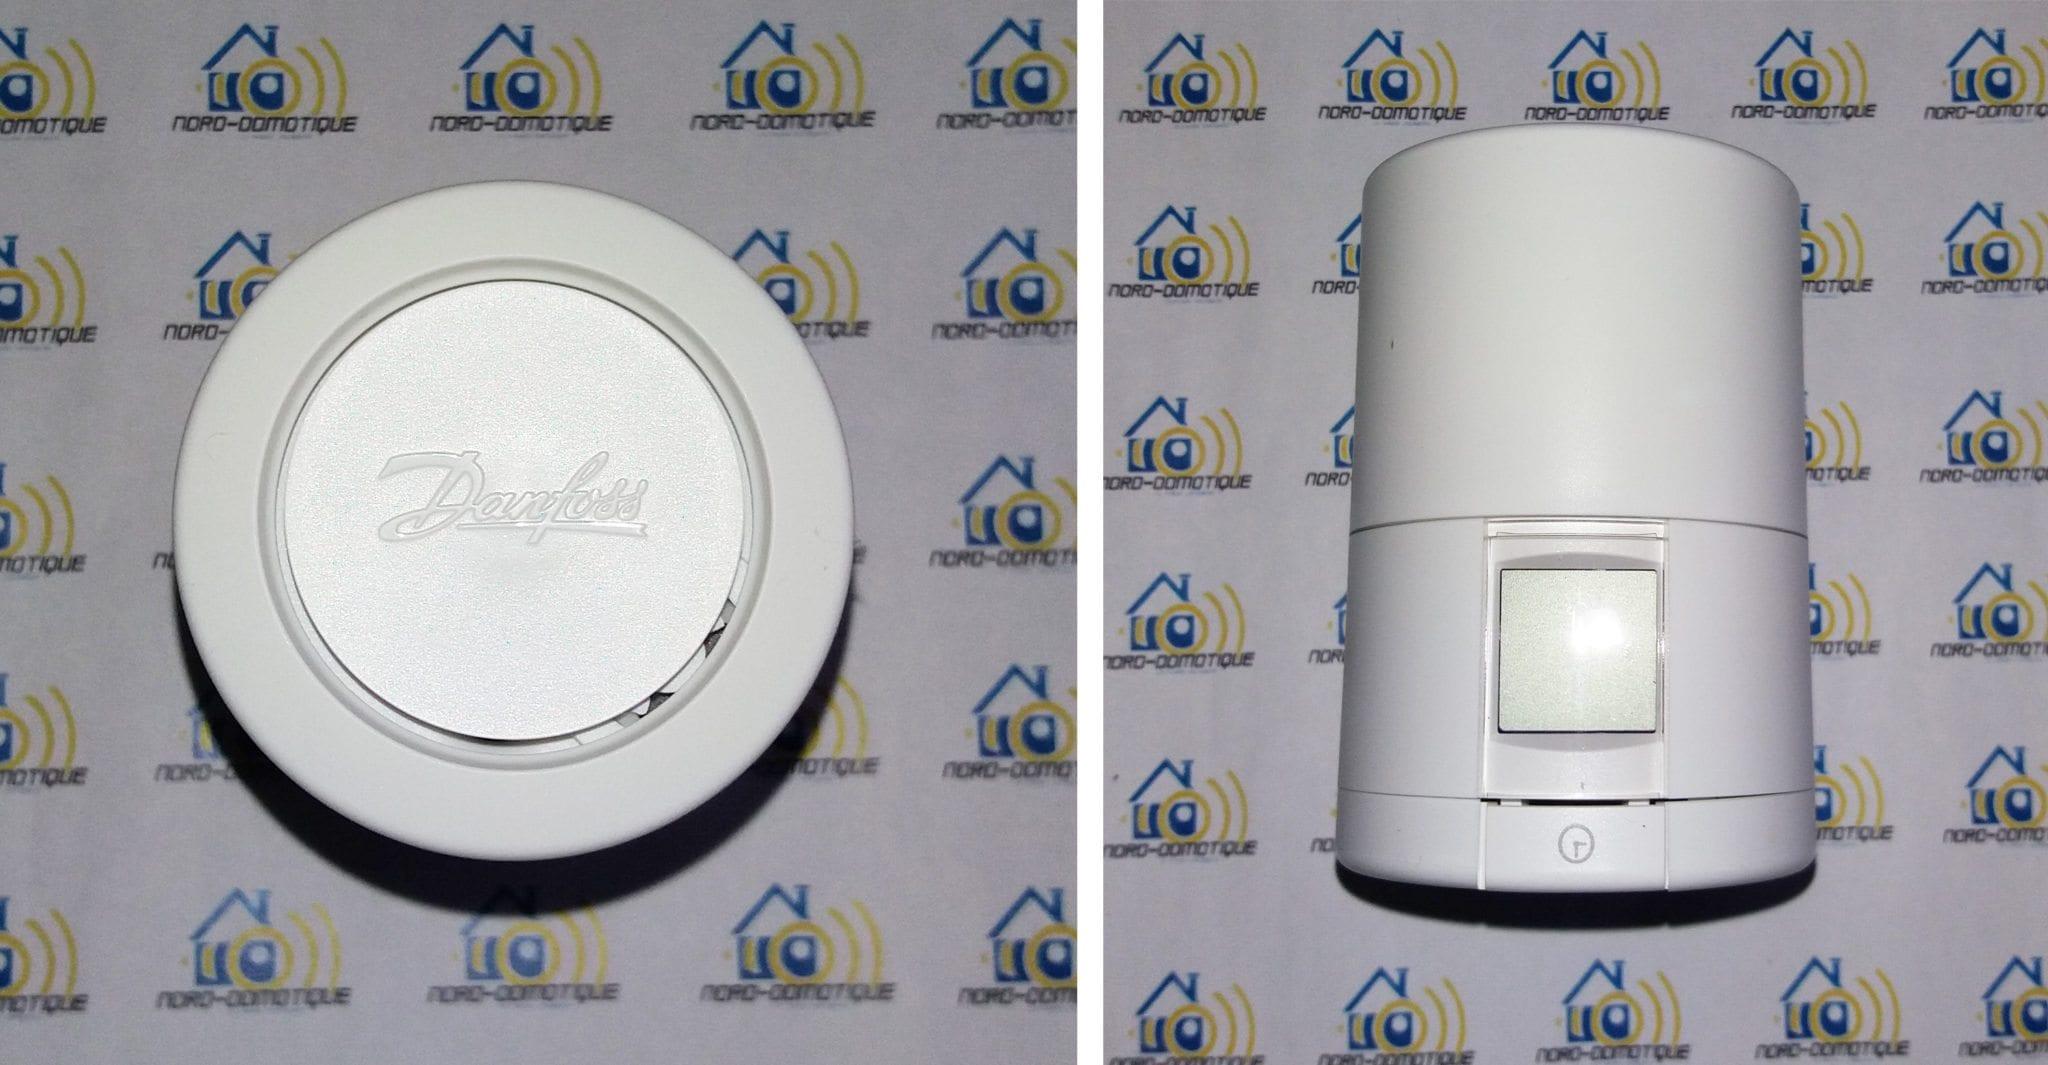 04 Test de la tête thermostatique Danfoss Eco Bluetooth